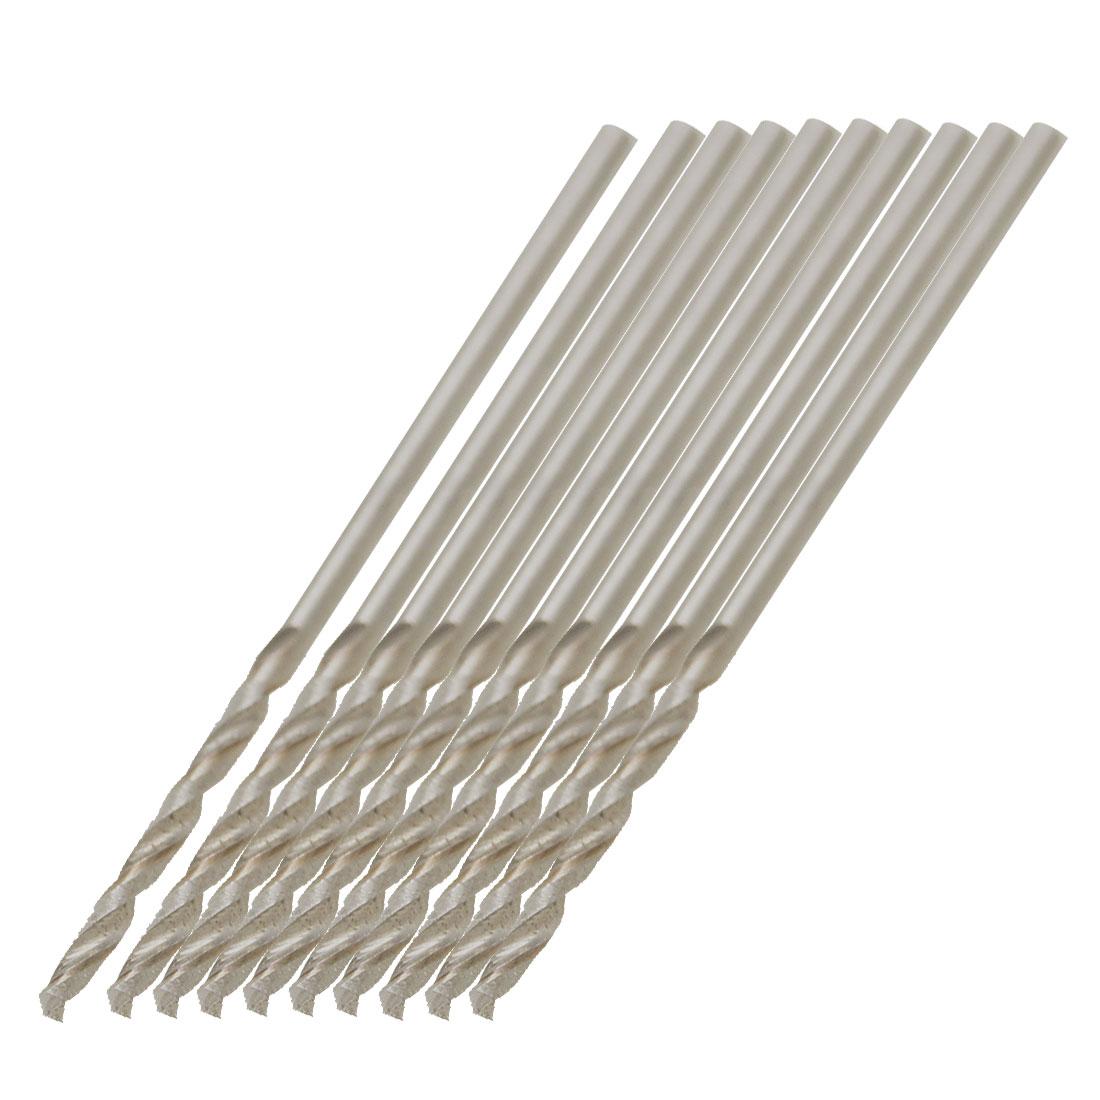 10 Pcs HSS Straight Shank 1.1mm Diameter 37mm Long Twist Drill Bits